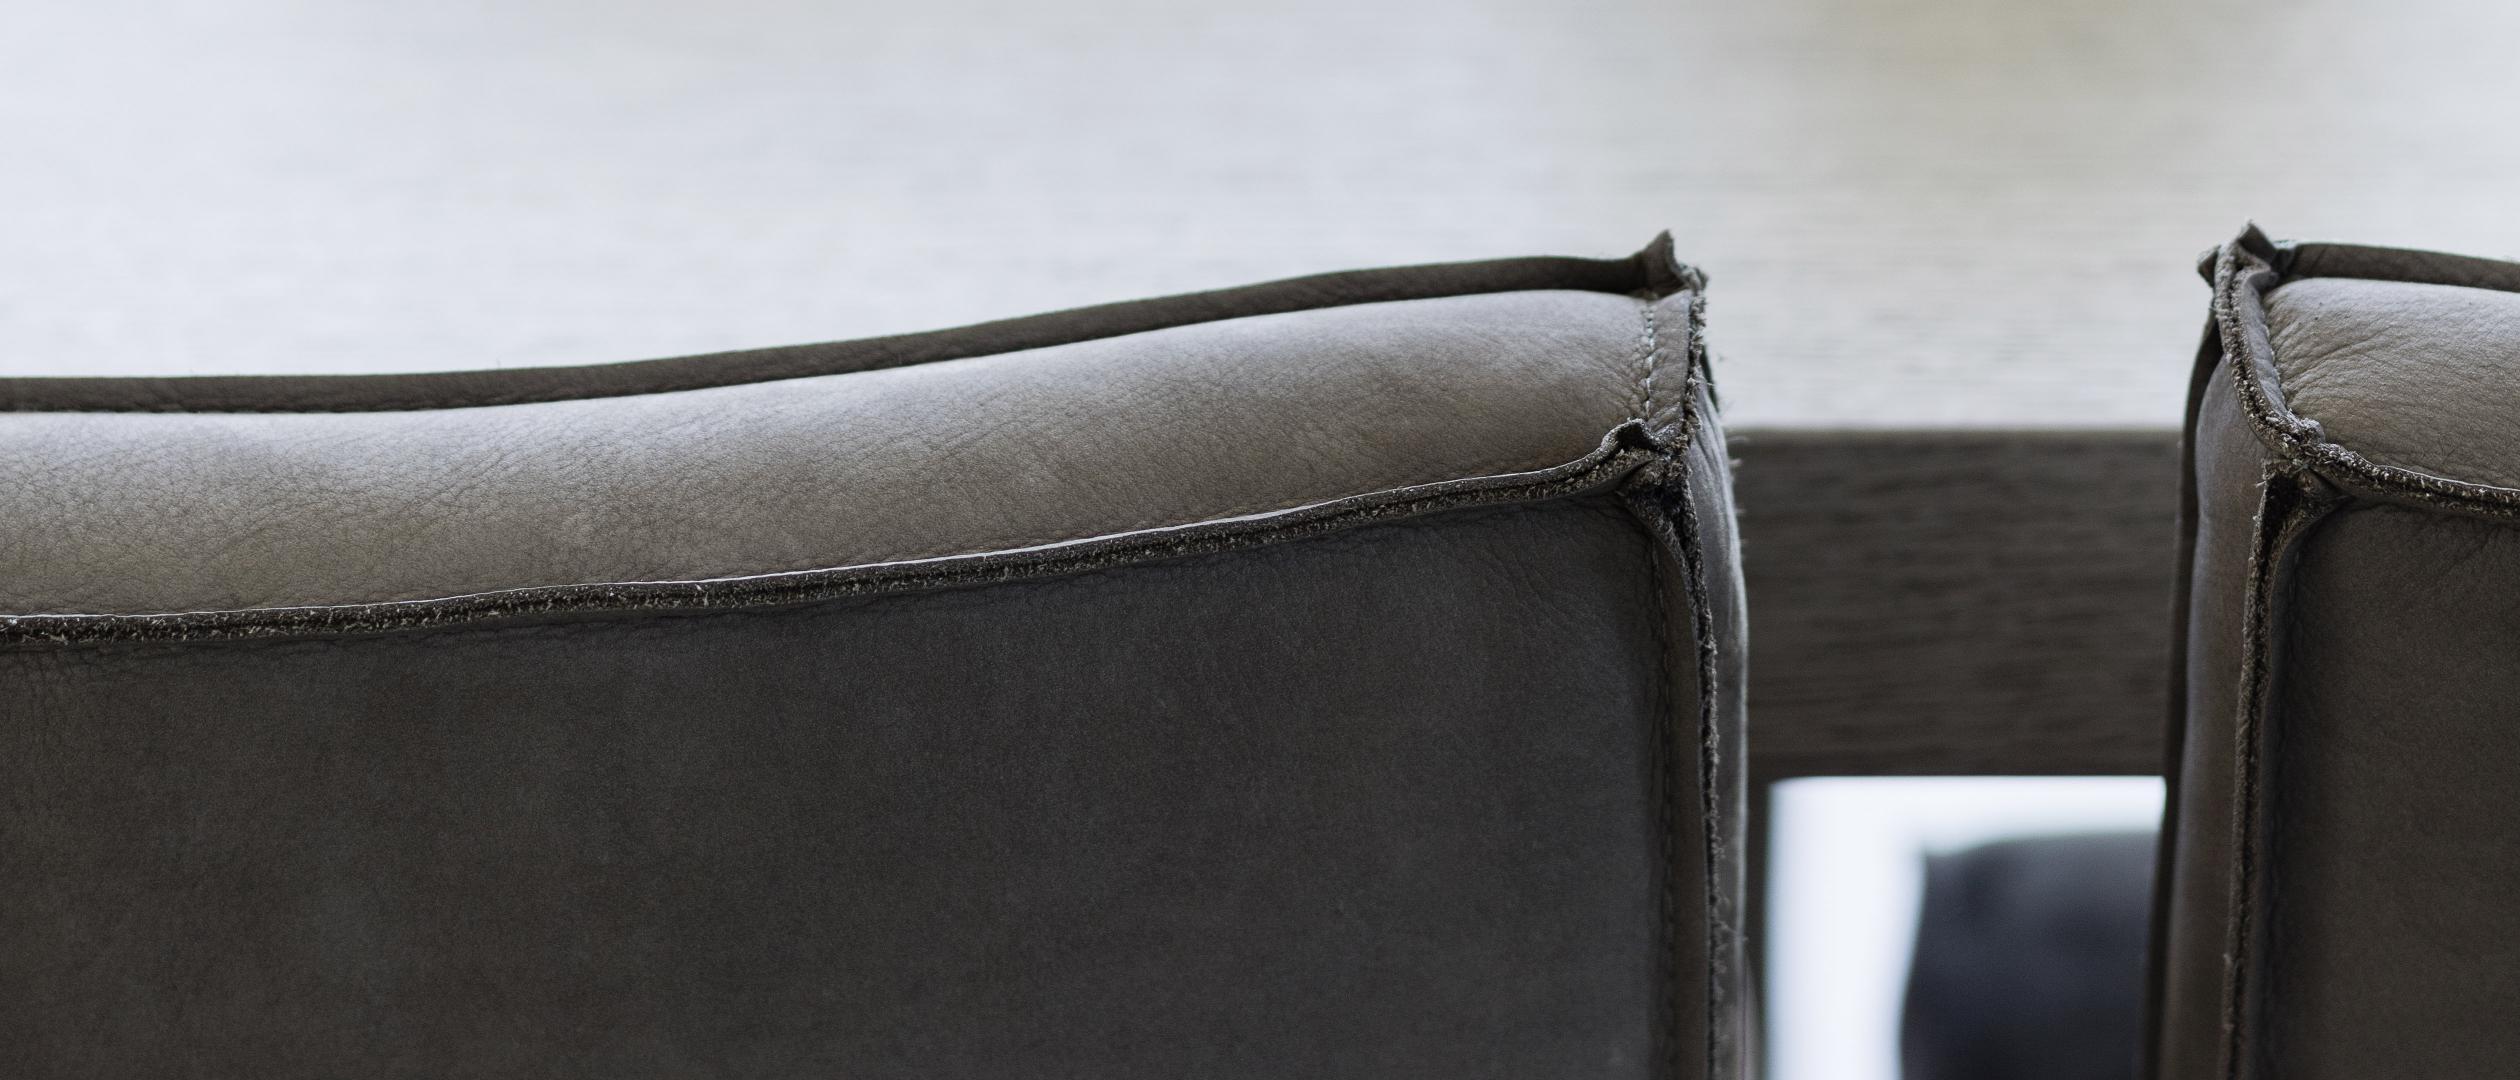 produst design saar eetkamer stoel